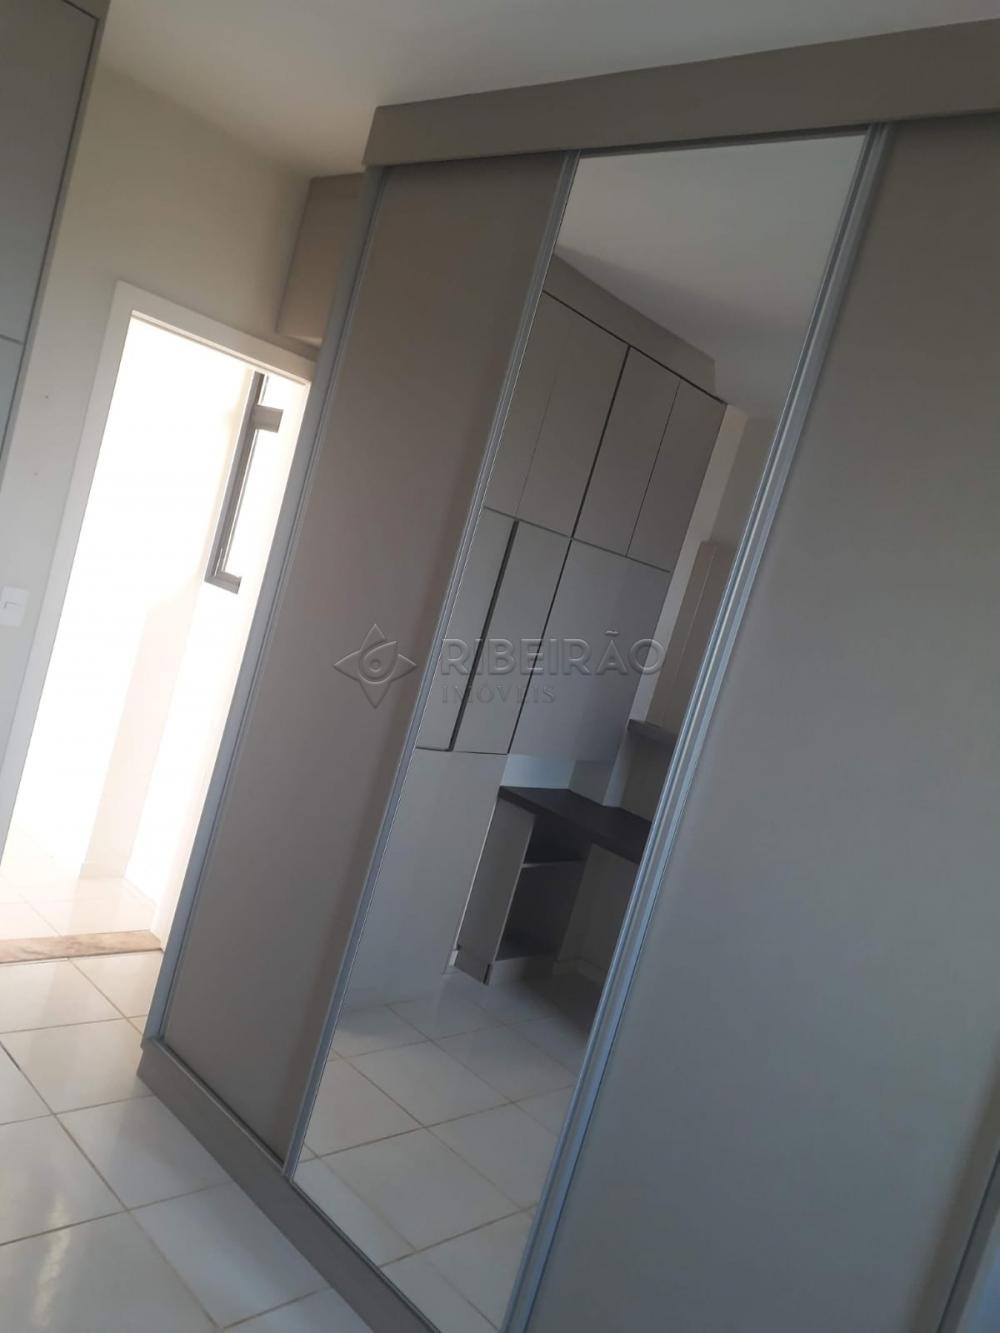 Comprar Apartamento / Padrão em Ribeirão Preto apenas R$ 600.000,00 - Foto 53